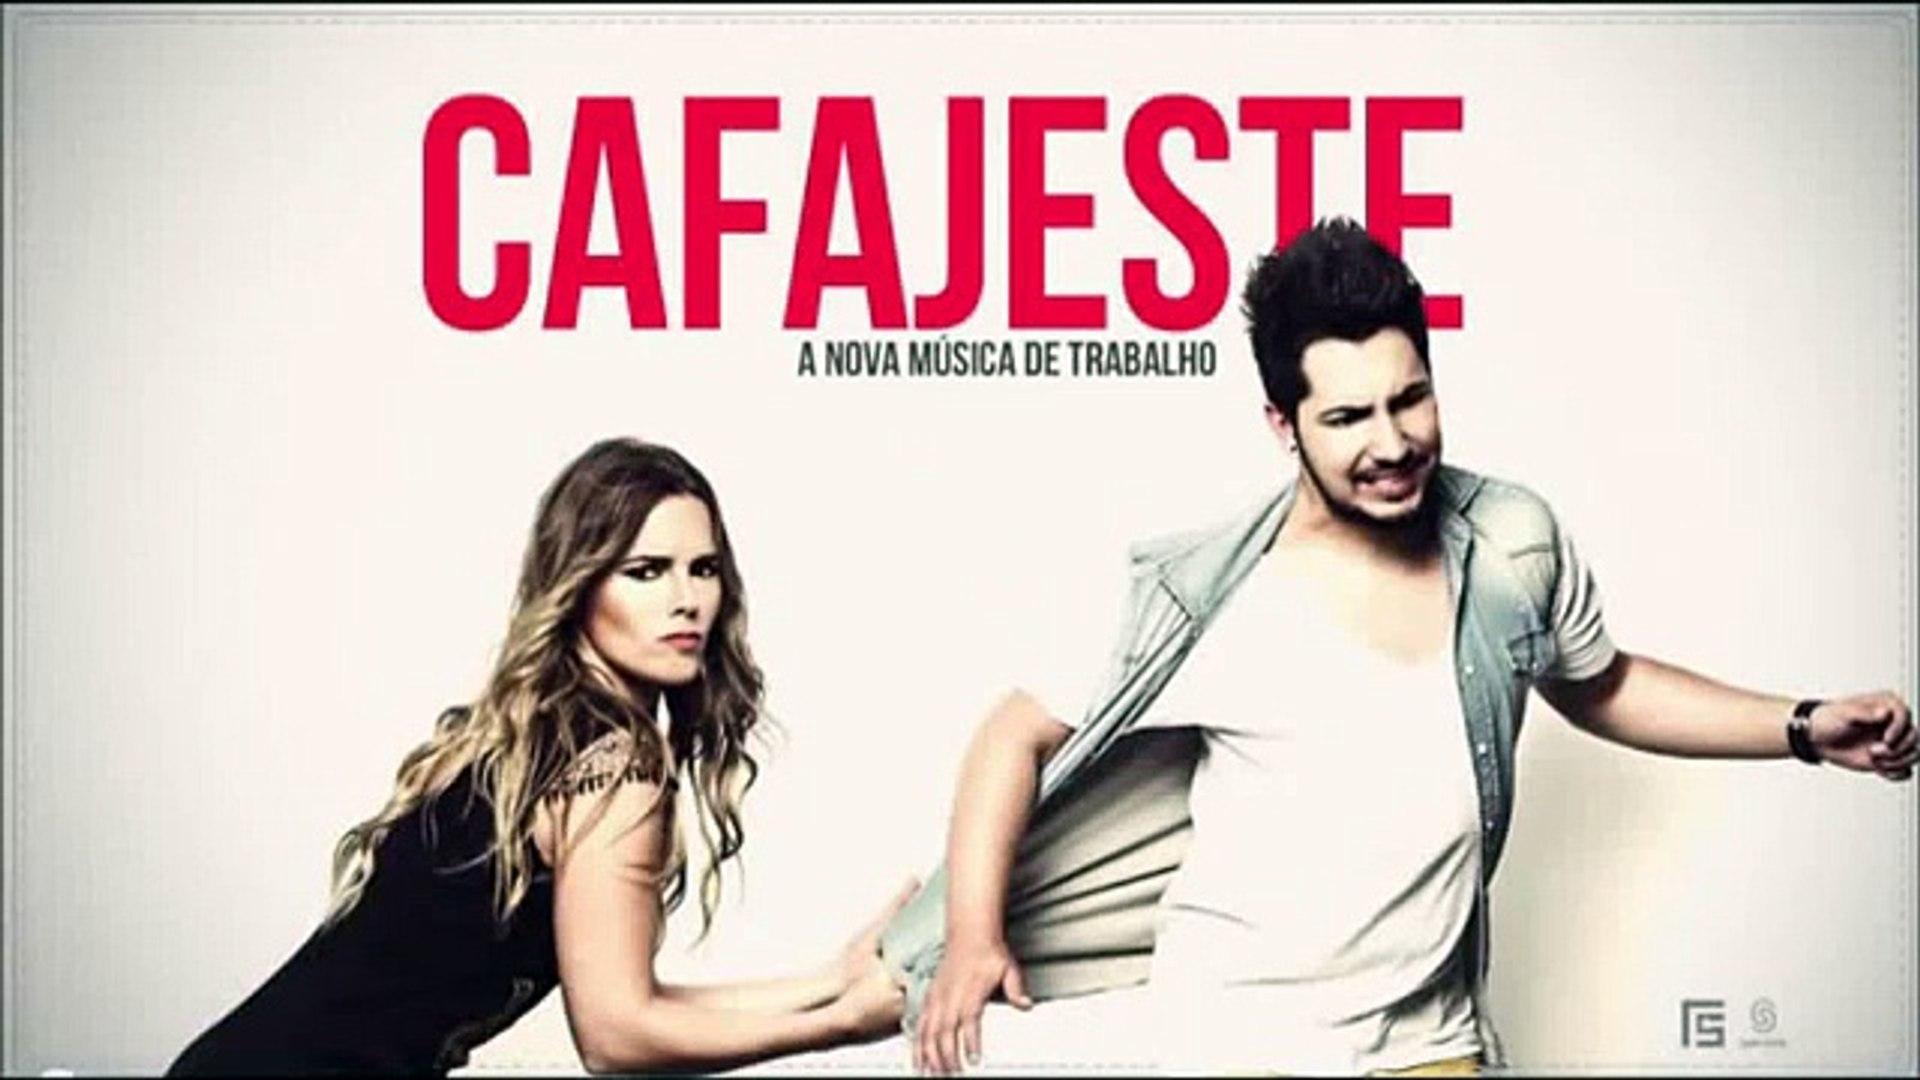 THIAGO THAEME CAFAJESTE E DE MUSICA BAIXAR NOVA